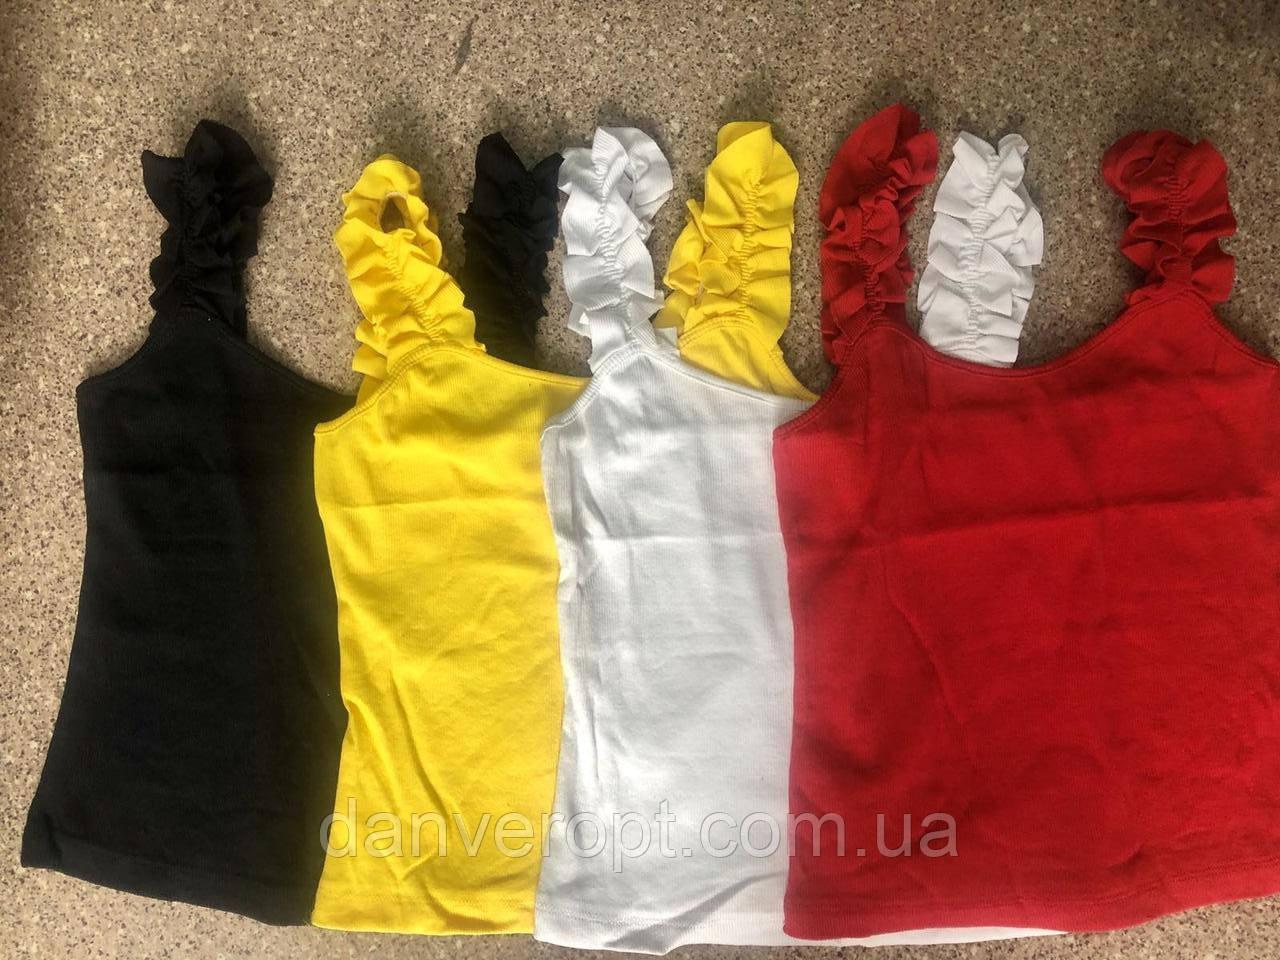 Майка женская стильная размер универсальный 42-46 купить оптом со склада 7км Одесса